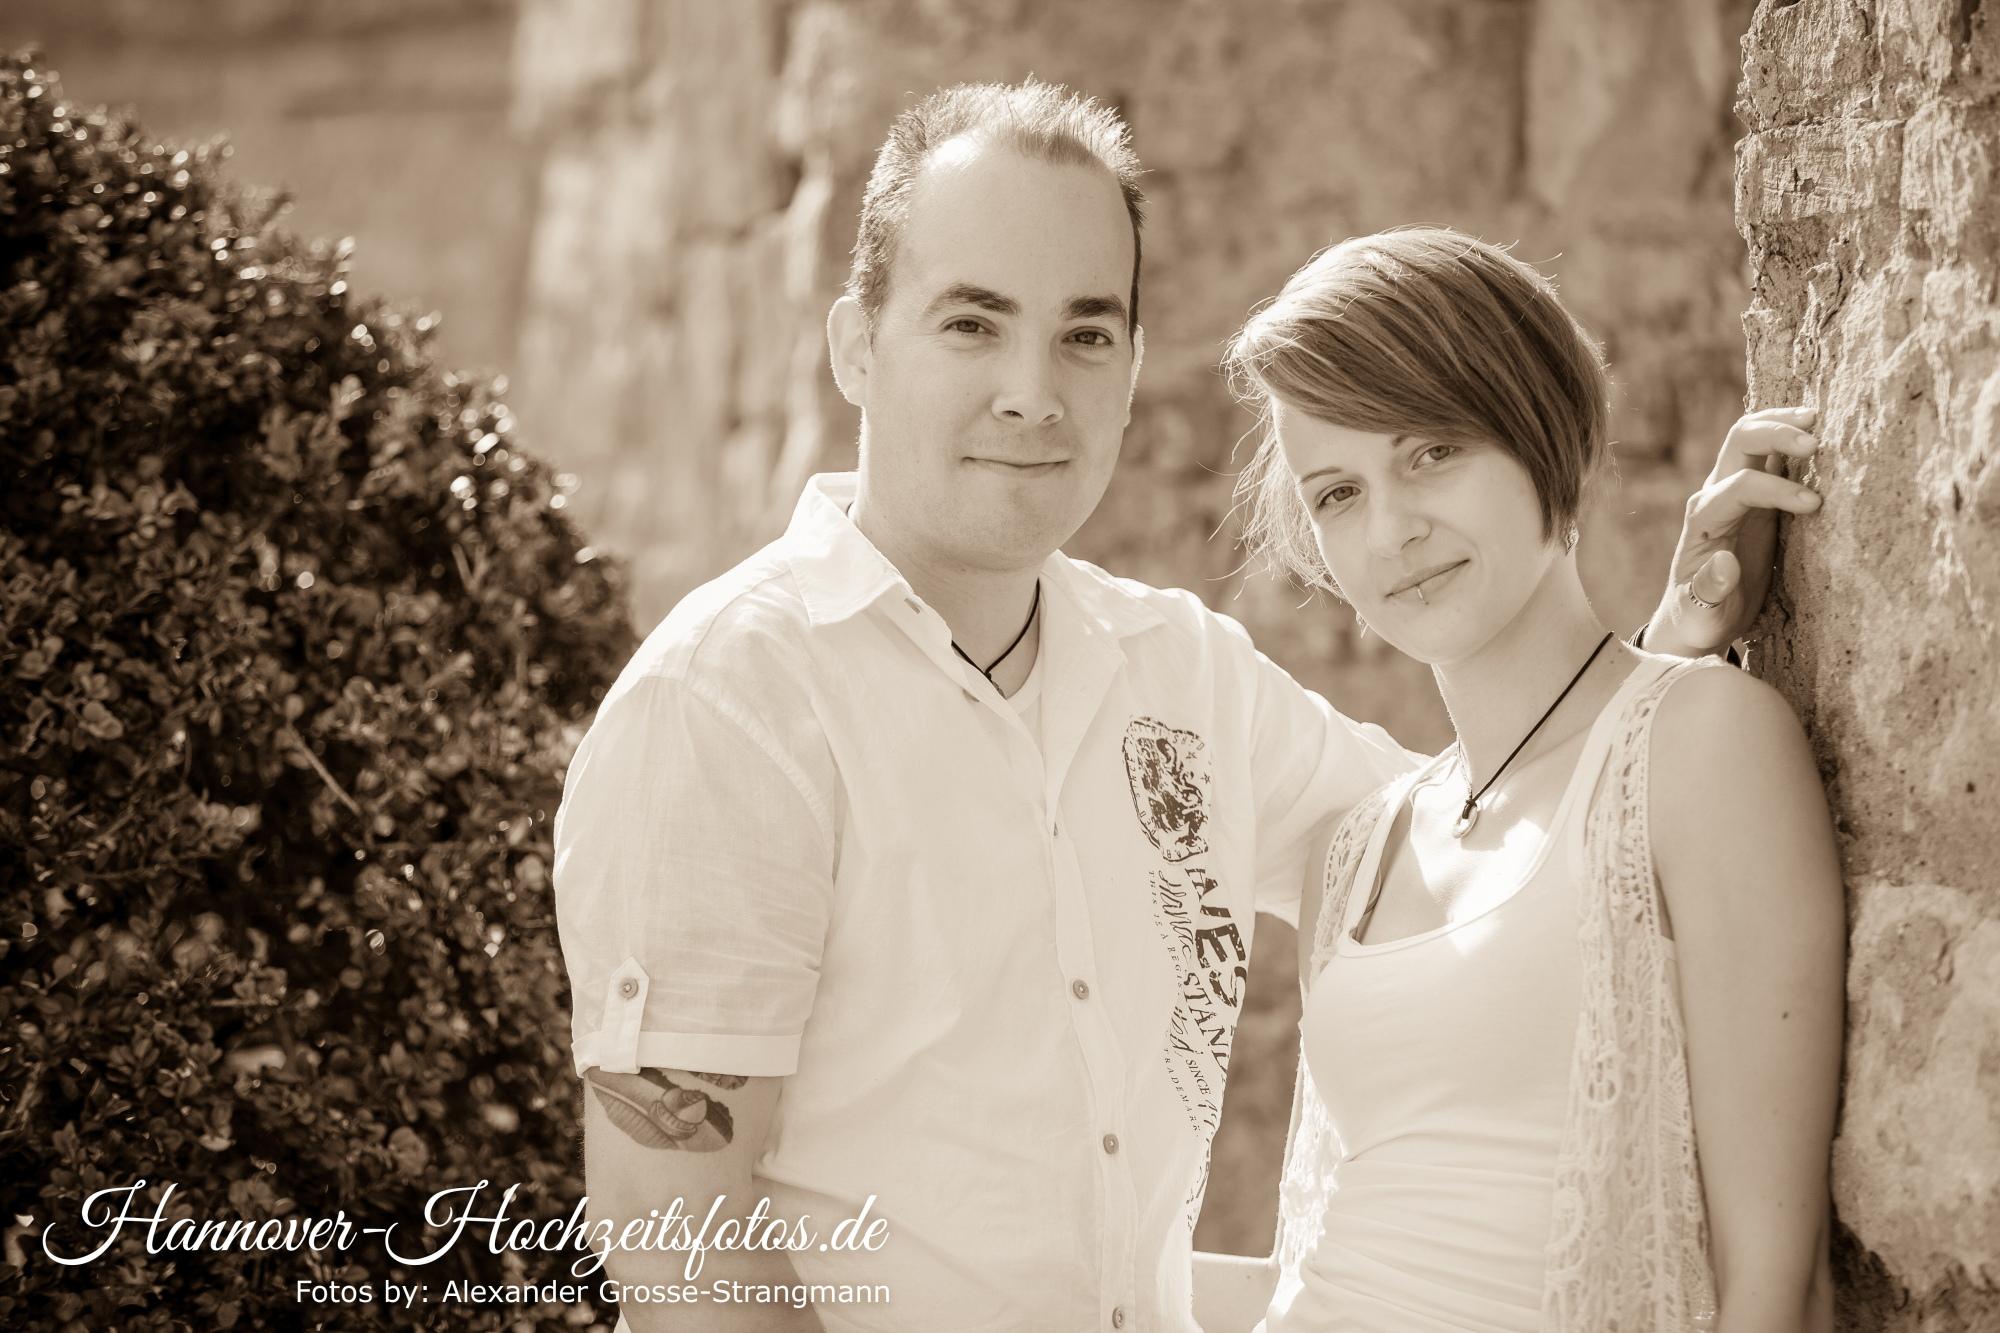 Hochzeitsfotos-Hannover-Paar-017